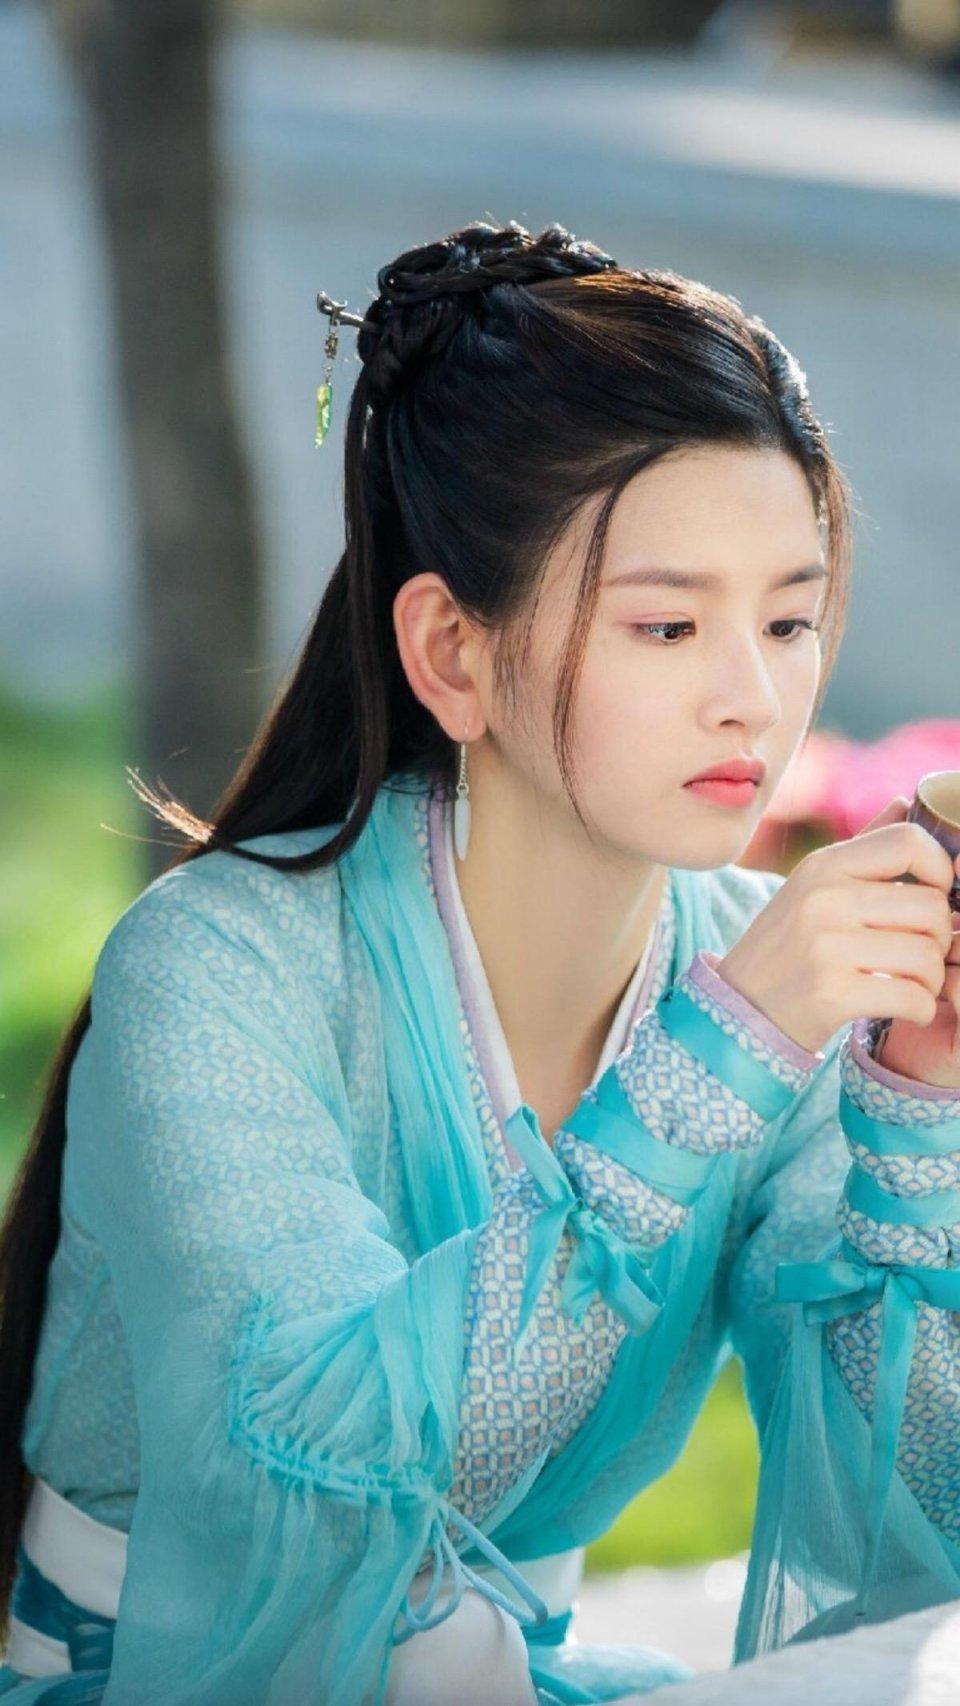 《芸汐传》有五位SNH48成员出演,你最喜欢的是哪一个角色